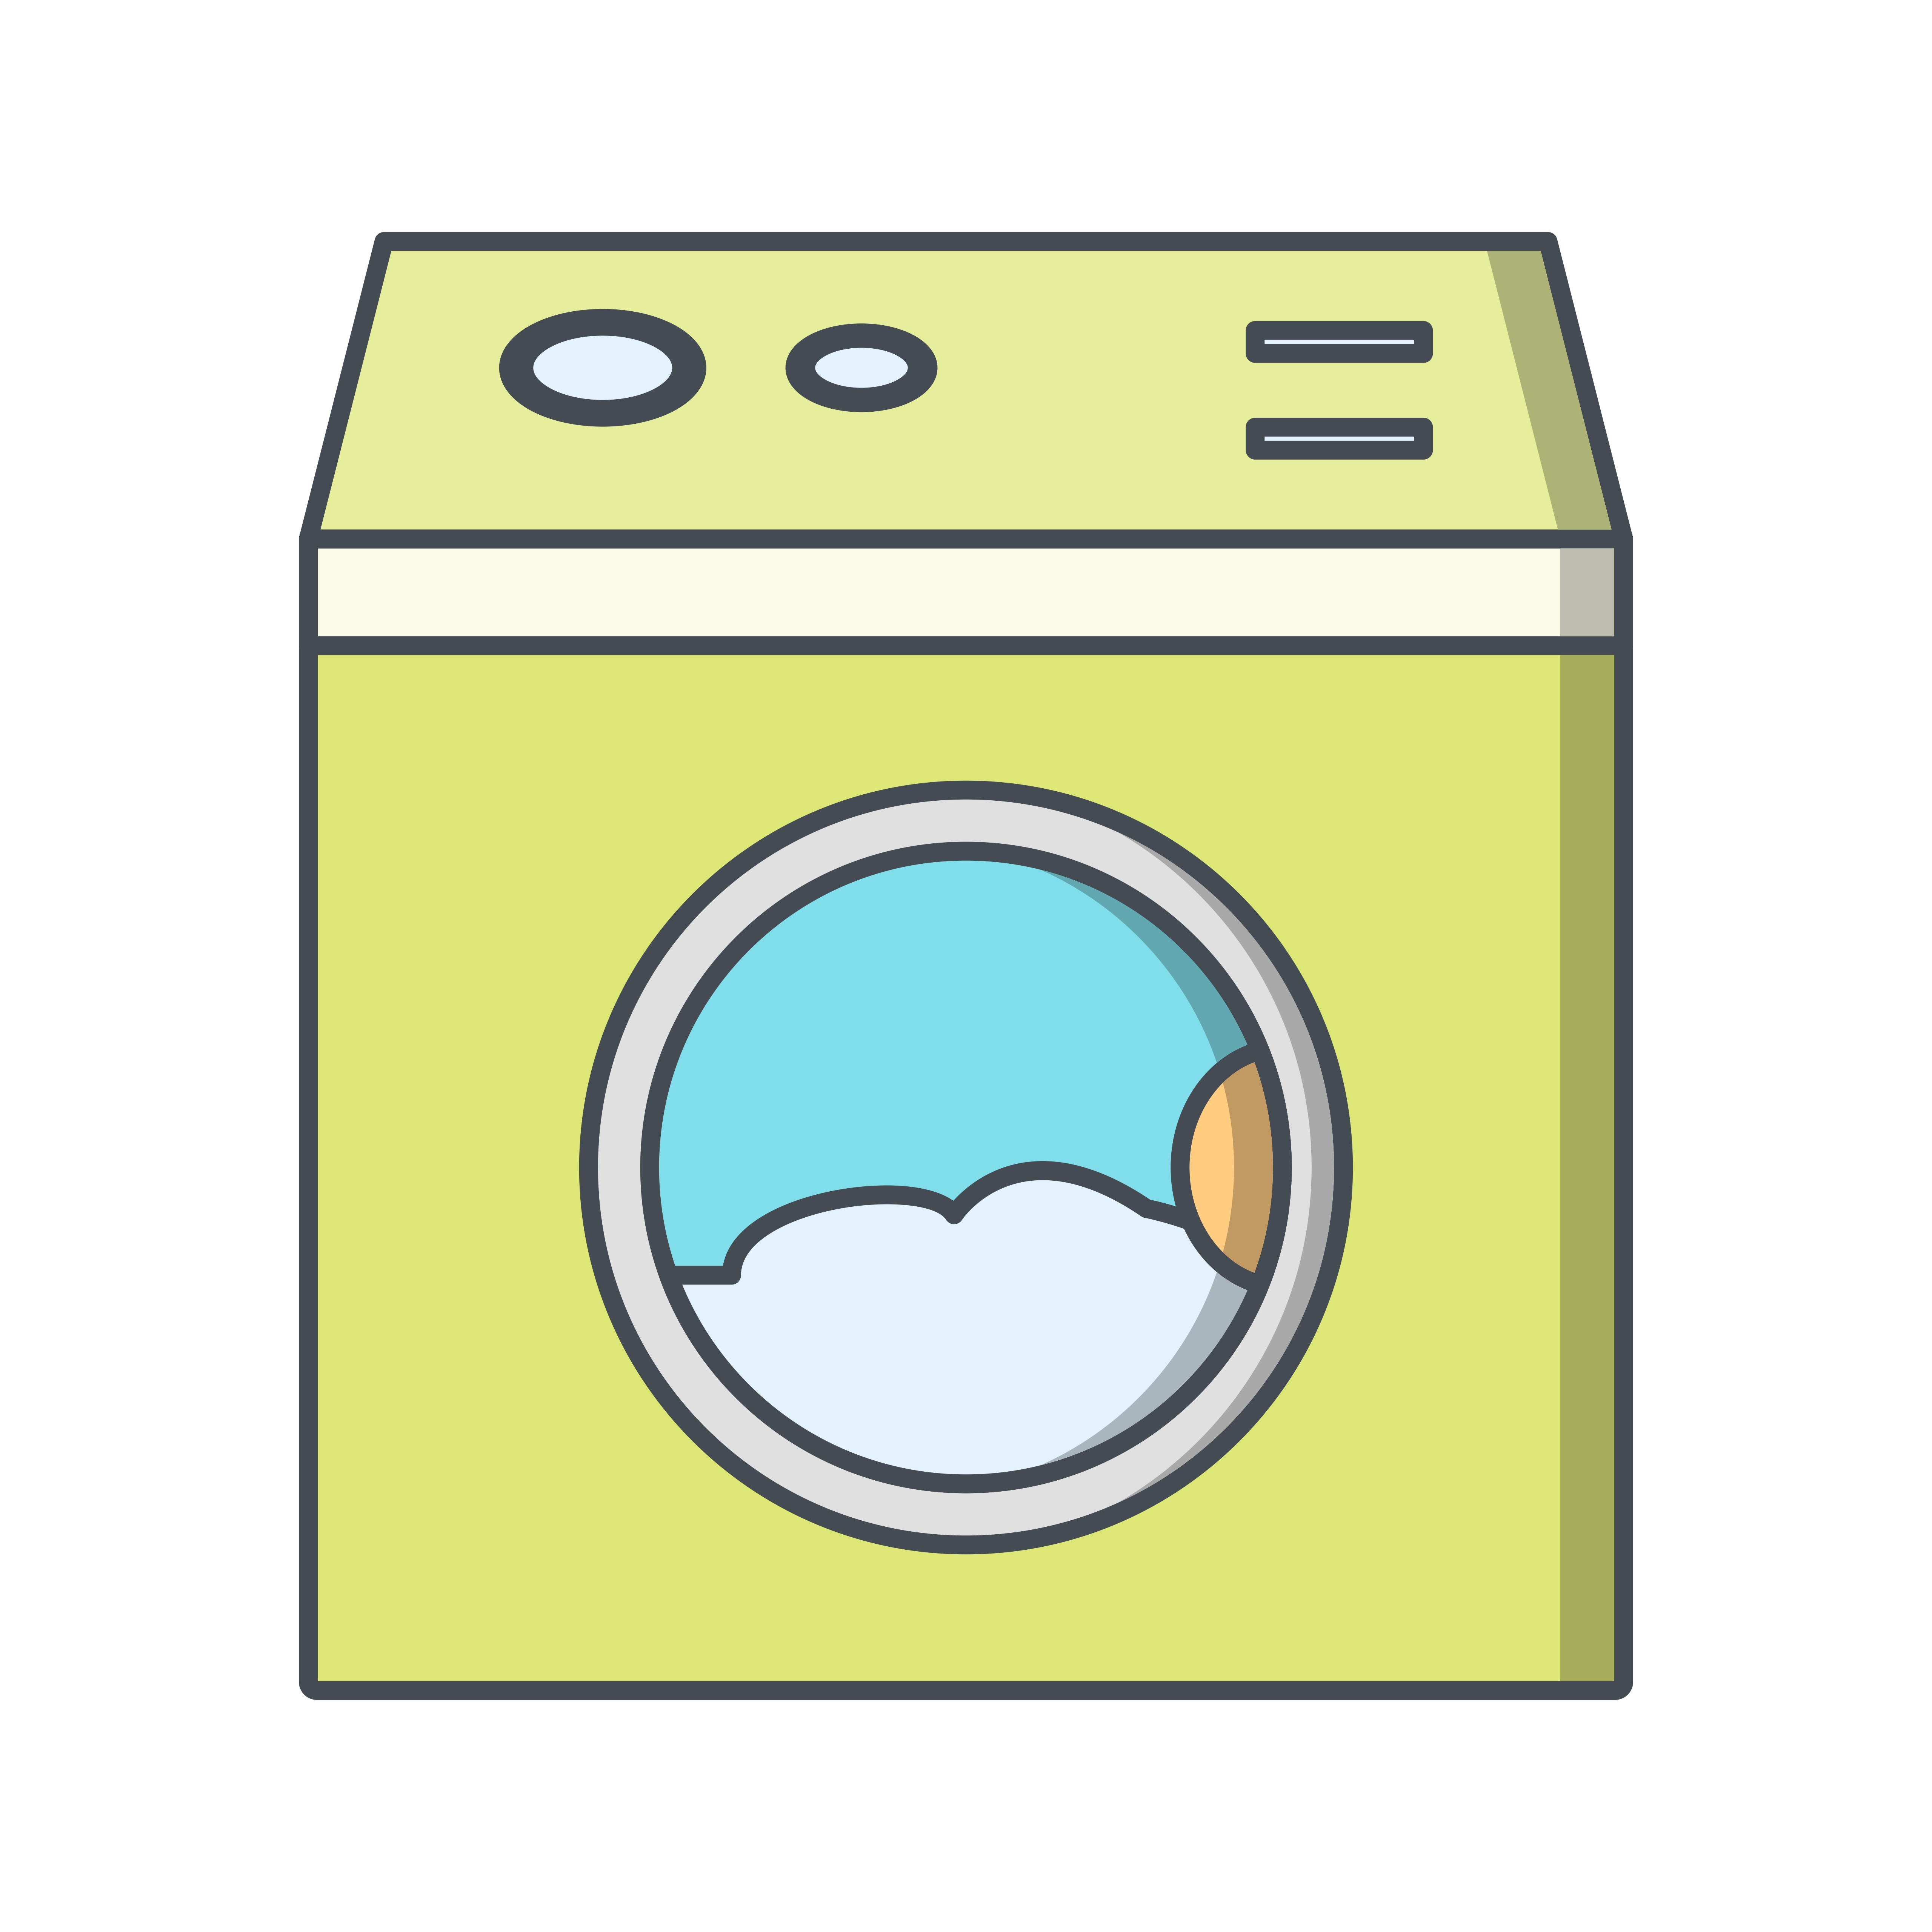 Картинки значков к стиральным машинками